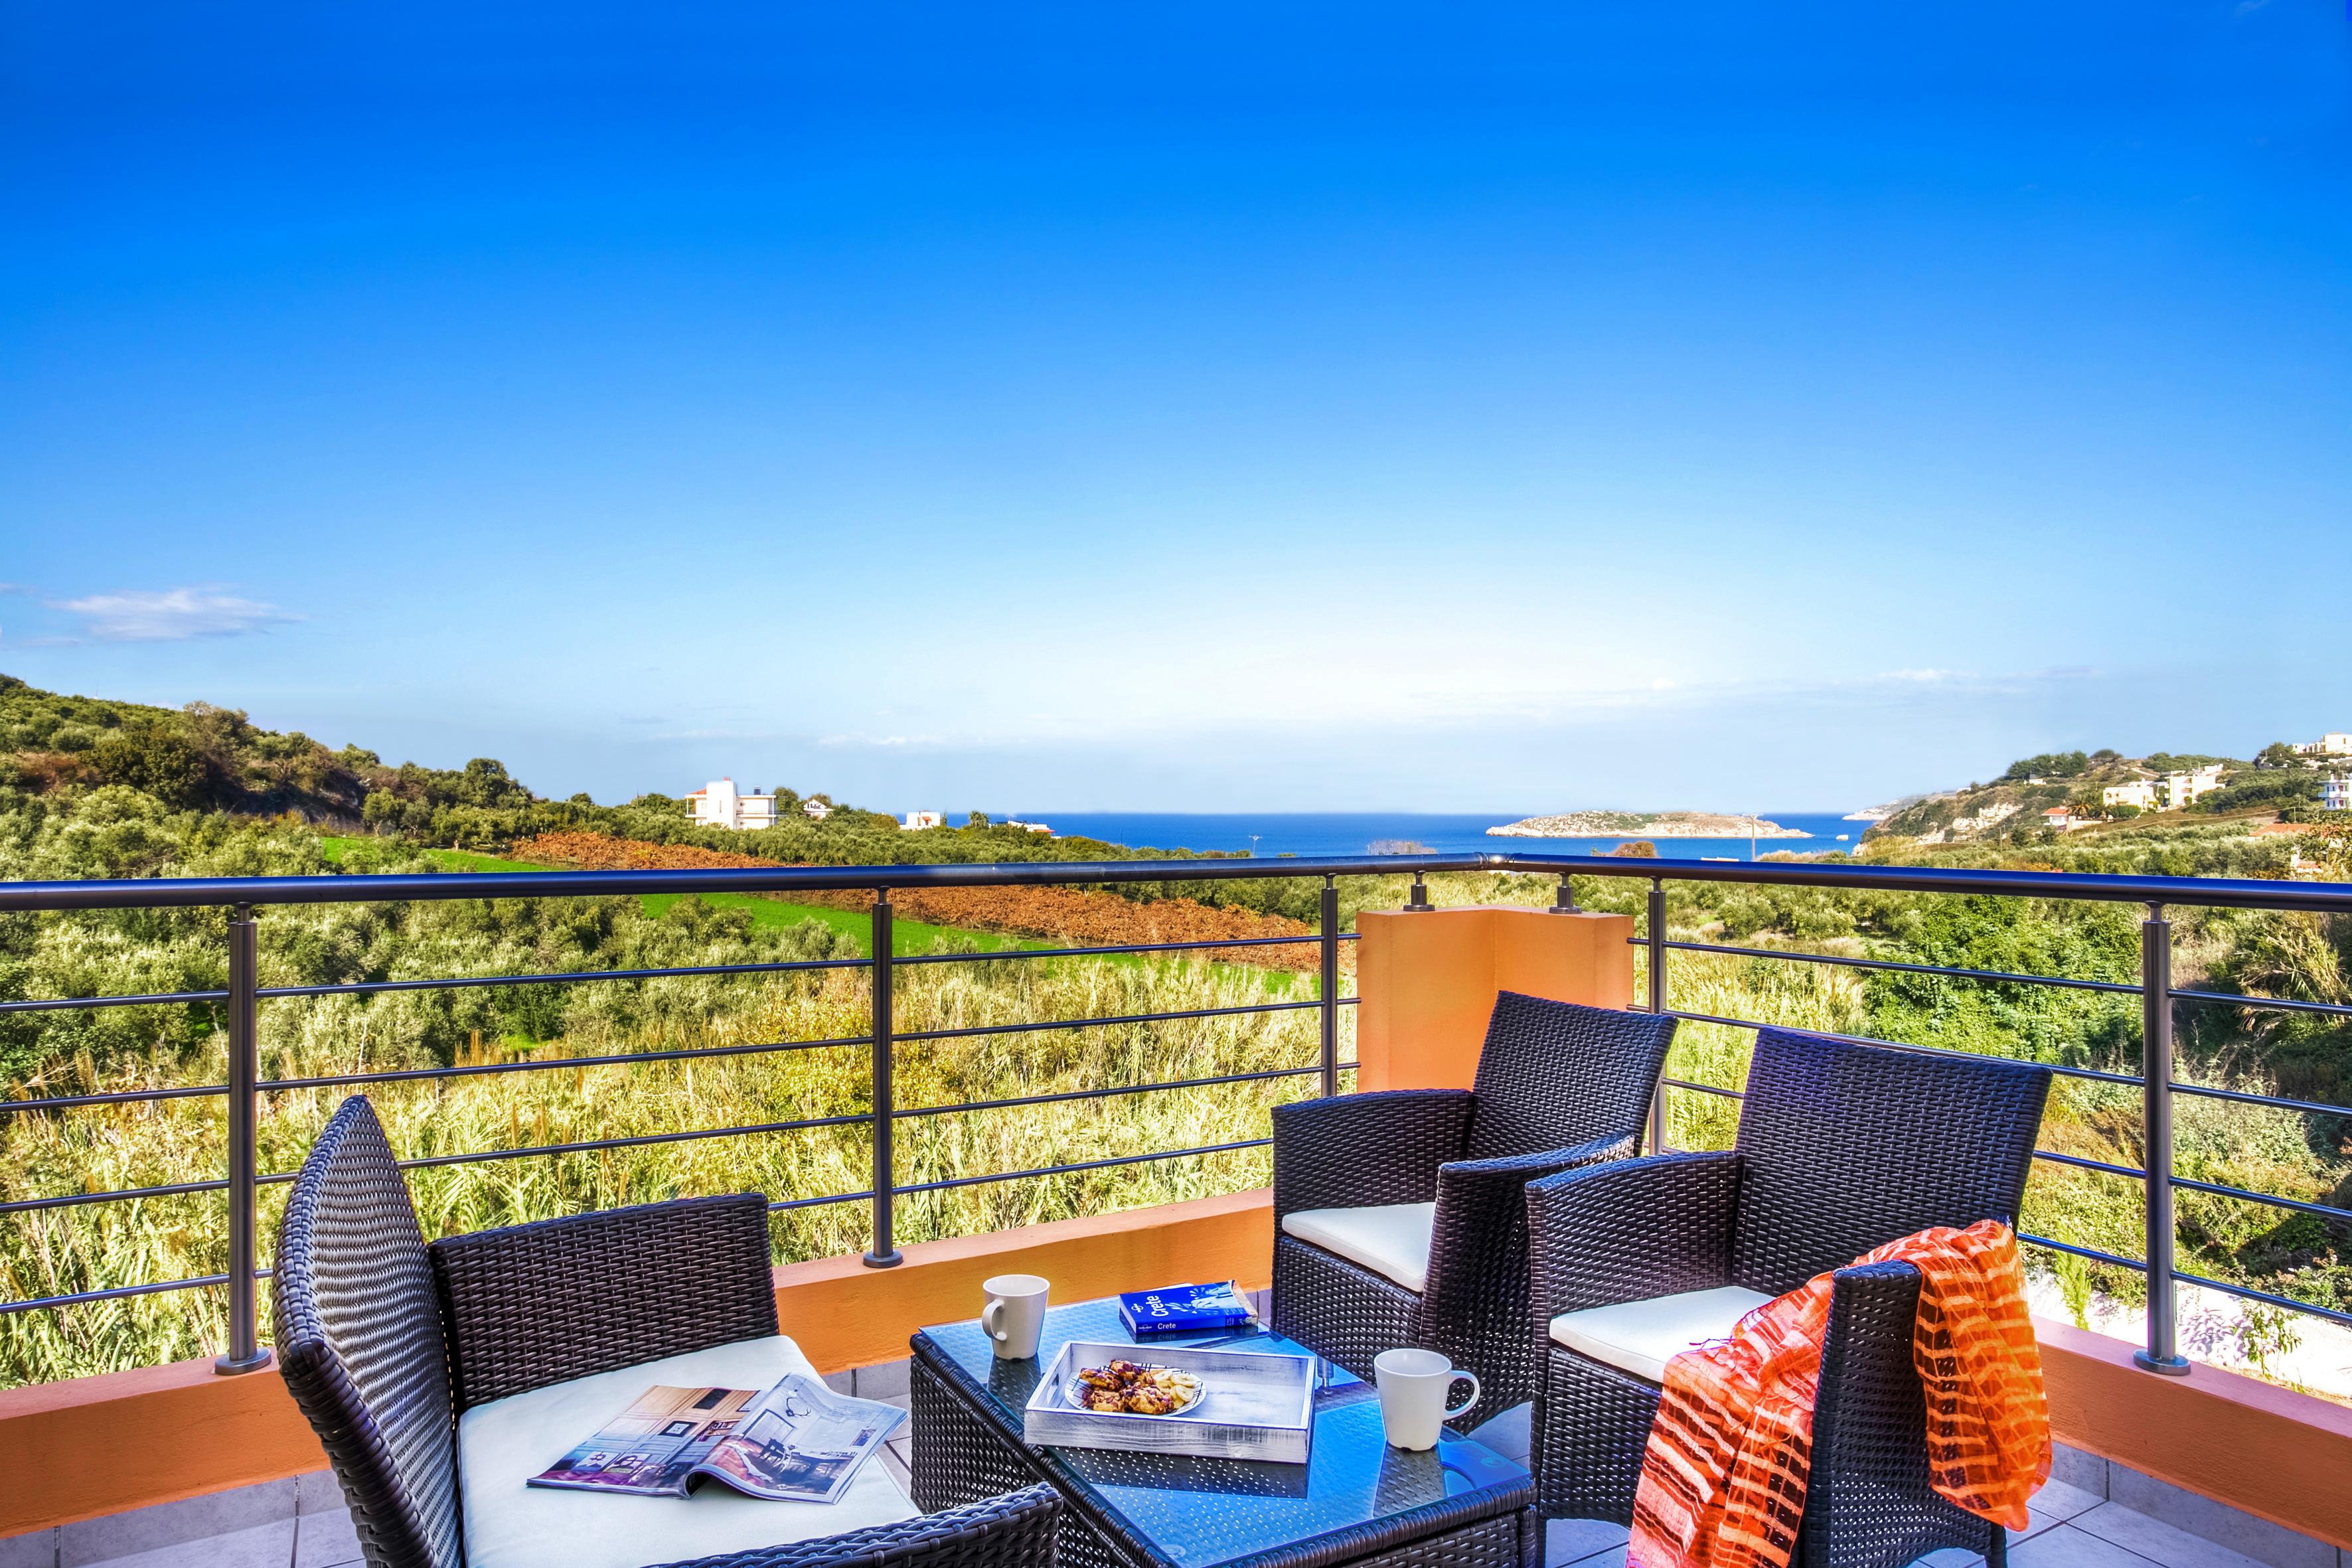 Ferienhaus Villa Katina mit privatem Pool in der Nhe von Almyrida (2125138), Neon Khorion Kriti, Kreta Nordküste, Kreta, Griechenland, Bild 2